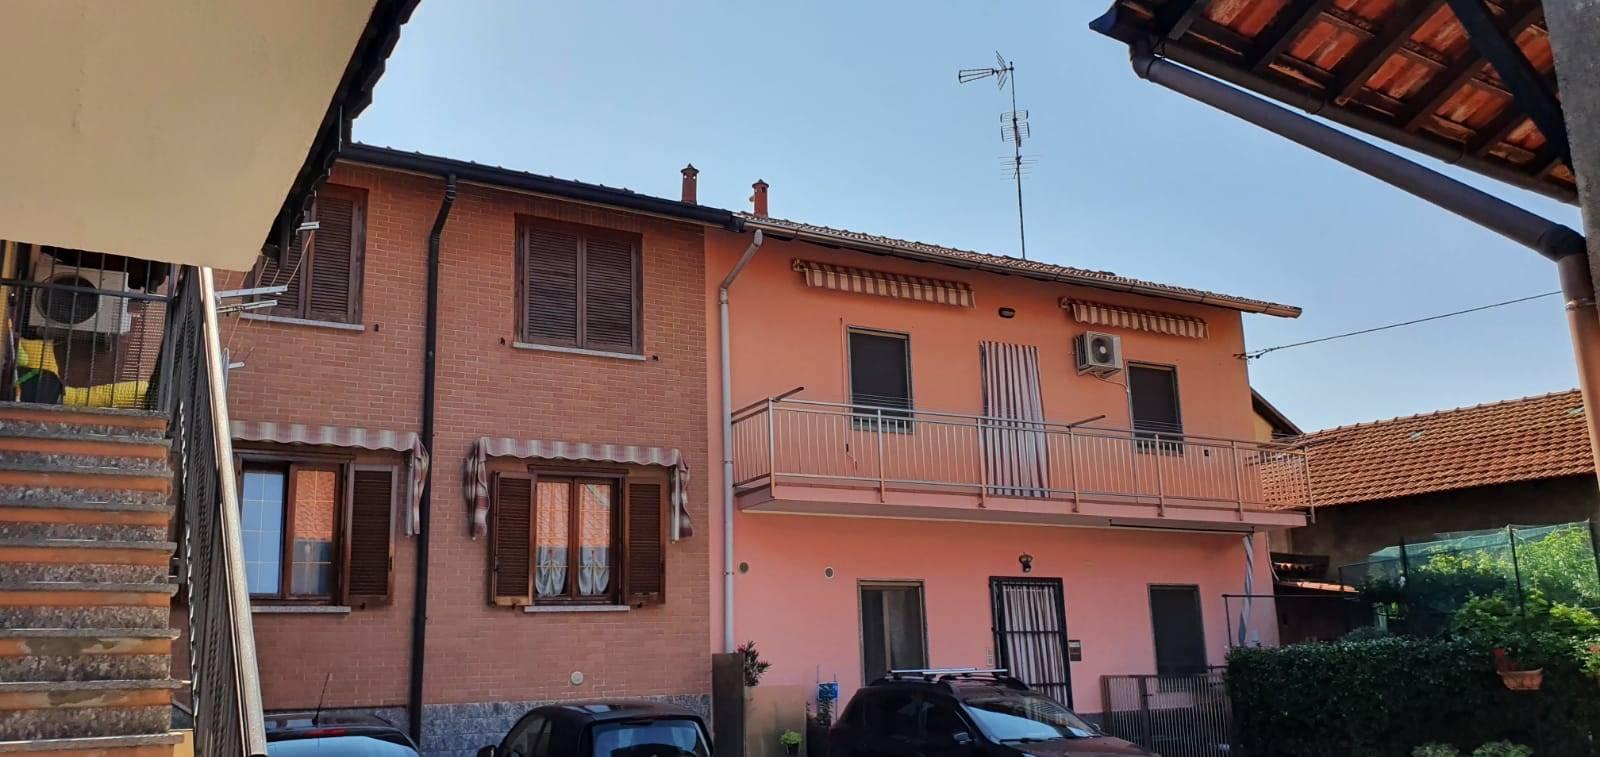 Appartamento in affitto a Caronno Pertusella, 2 locali, prezzo € 550 | CambioCasa.it